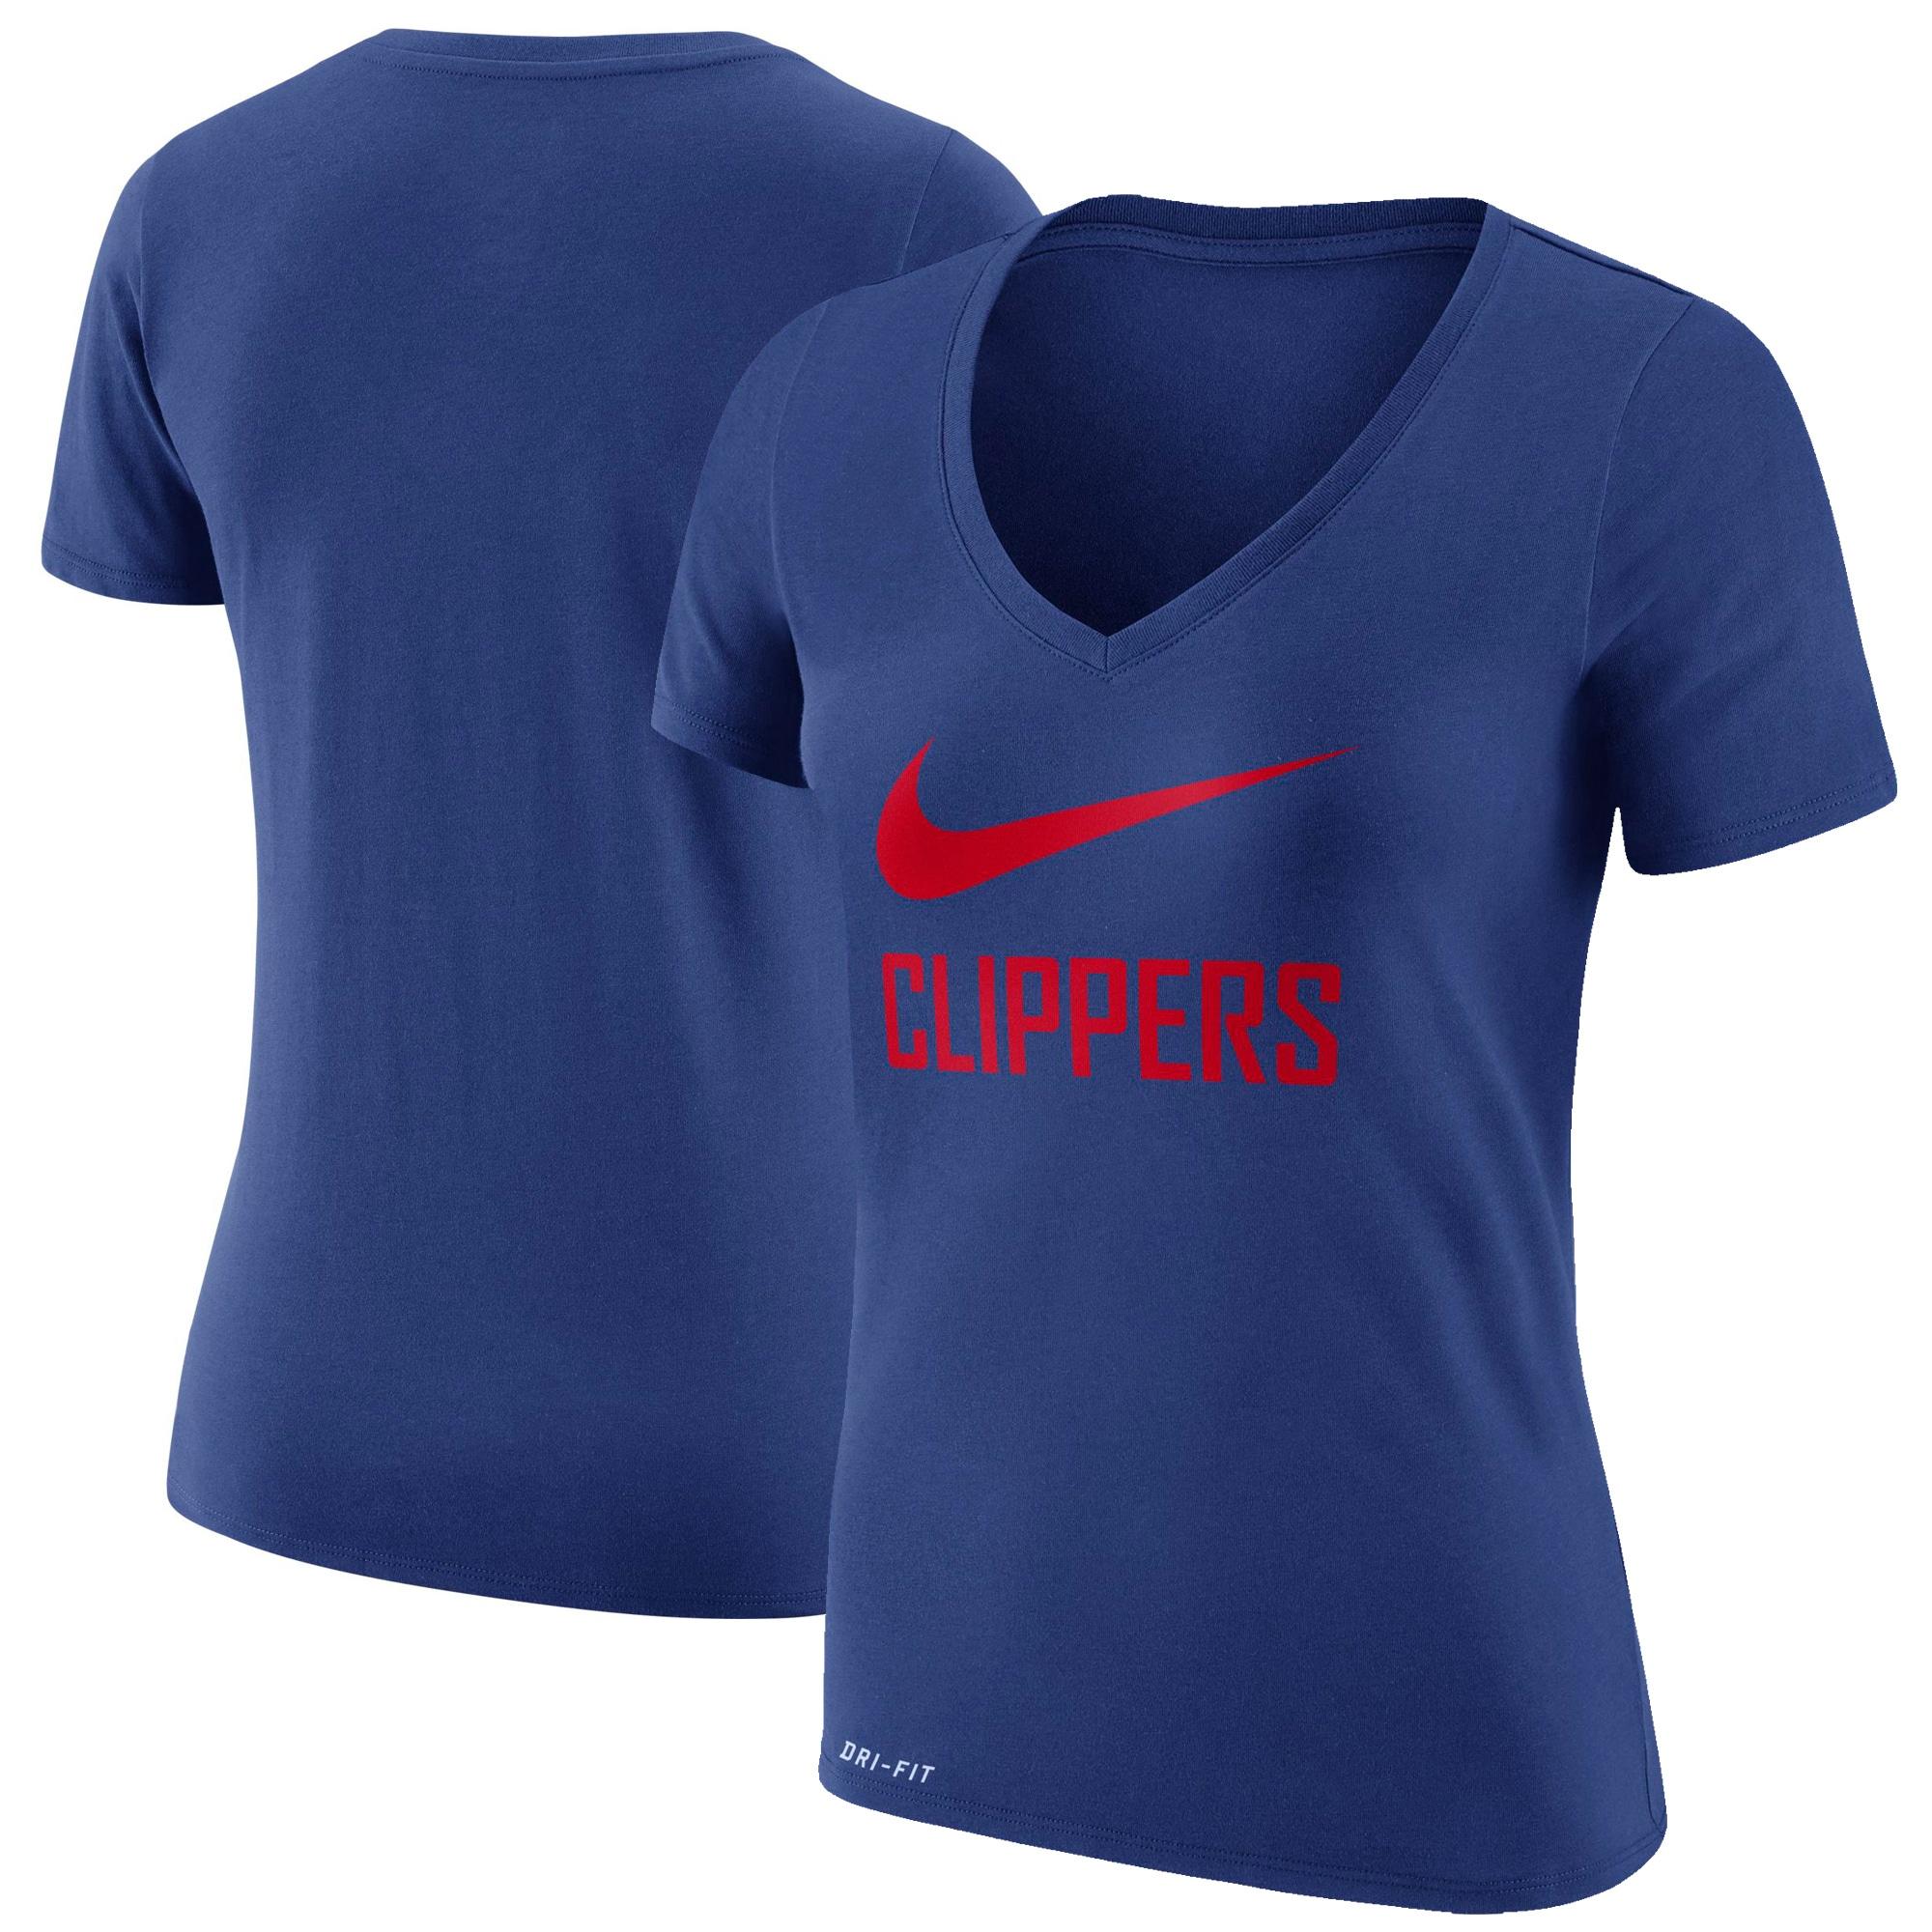 LA Clippers Nike Women's Swoosh V-Neck T-Shirt - Royal